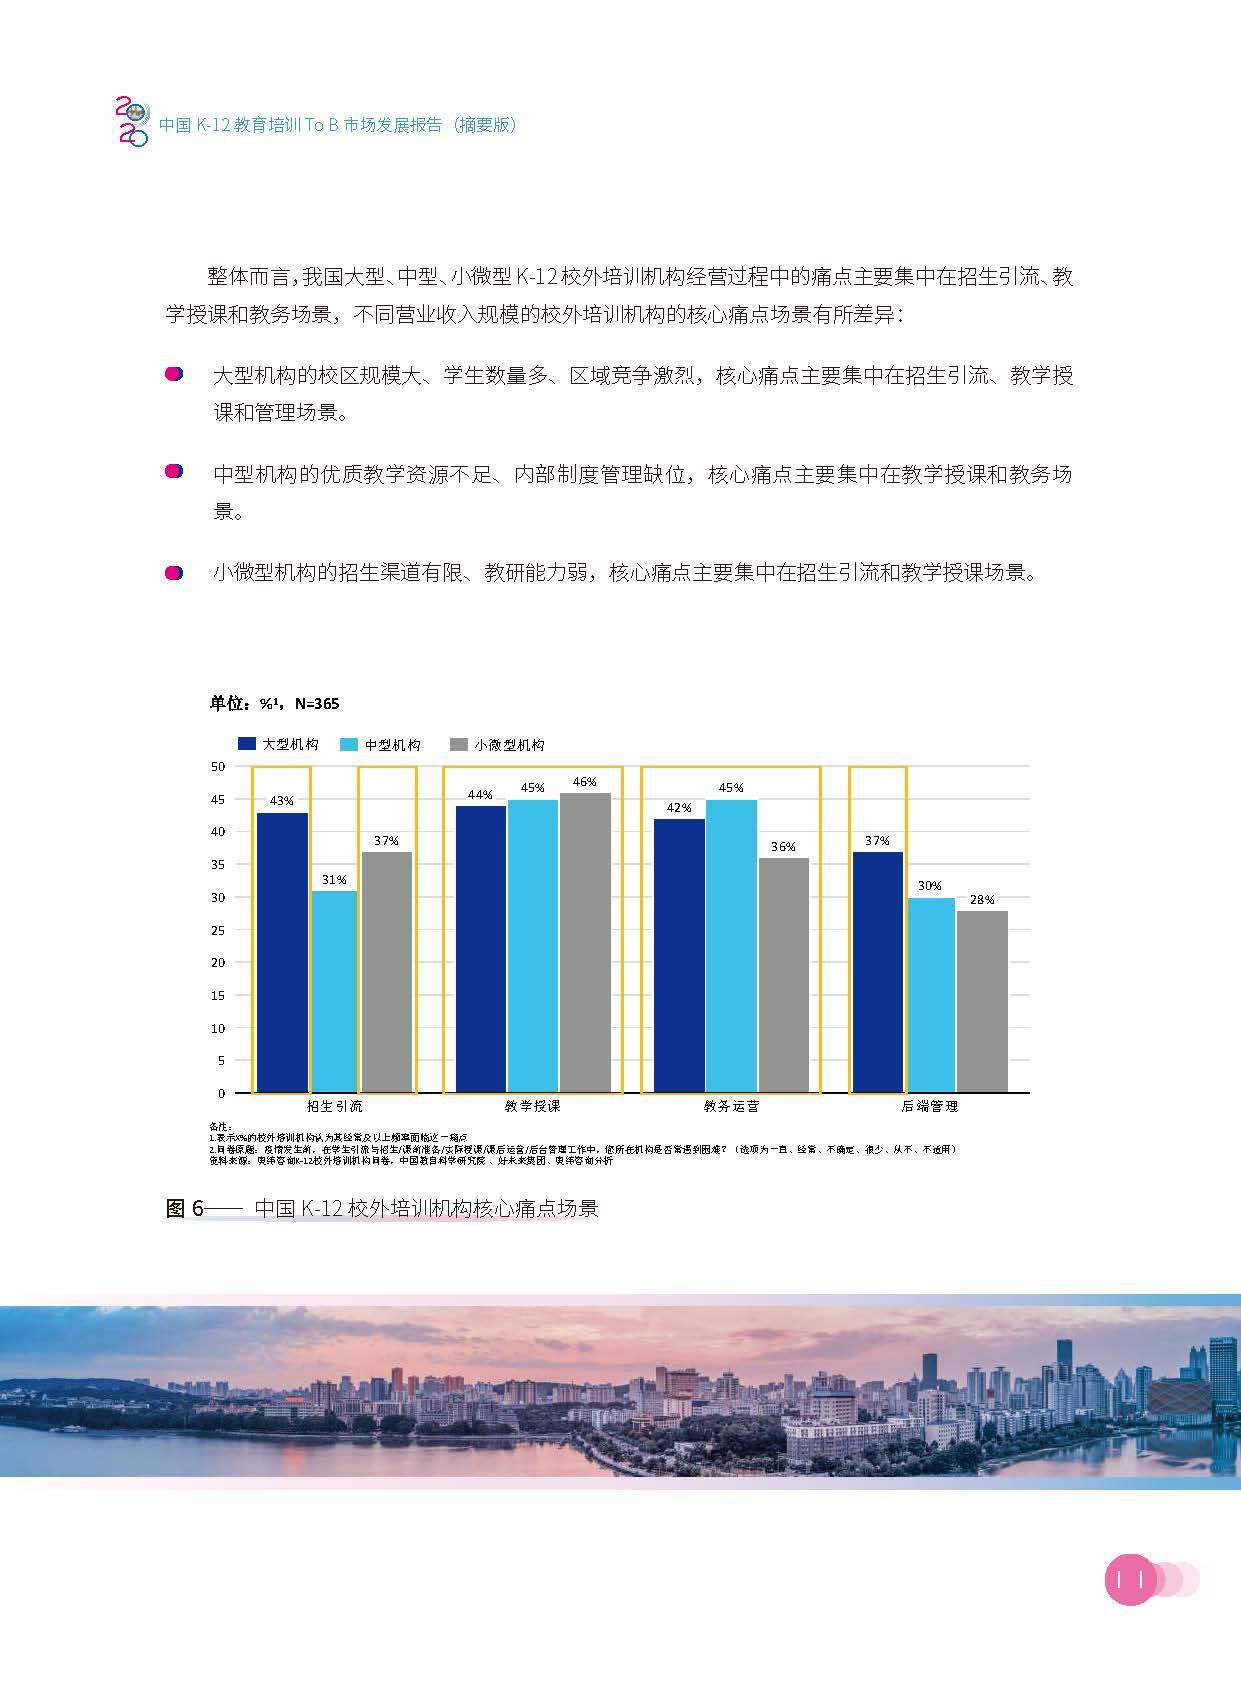 中国教育科学研究院:2020中国K~12教育培训To B市场发展报告(56页)_页面_14.jpg